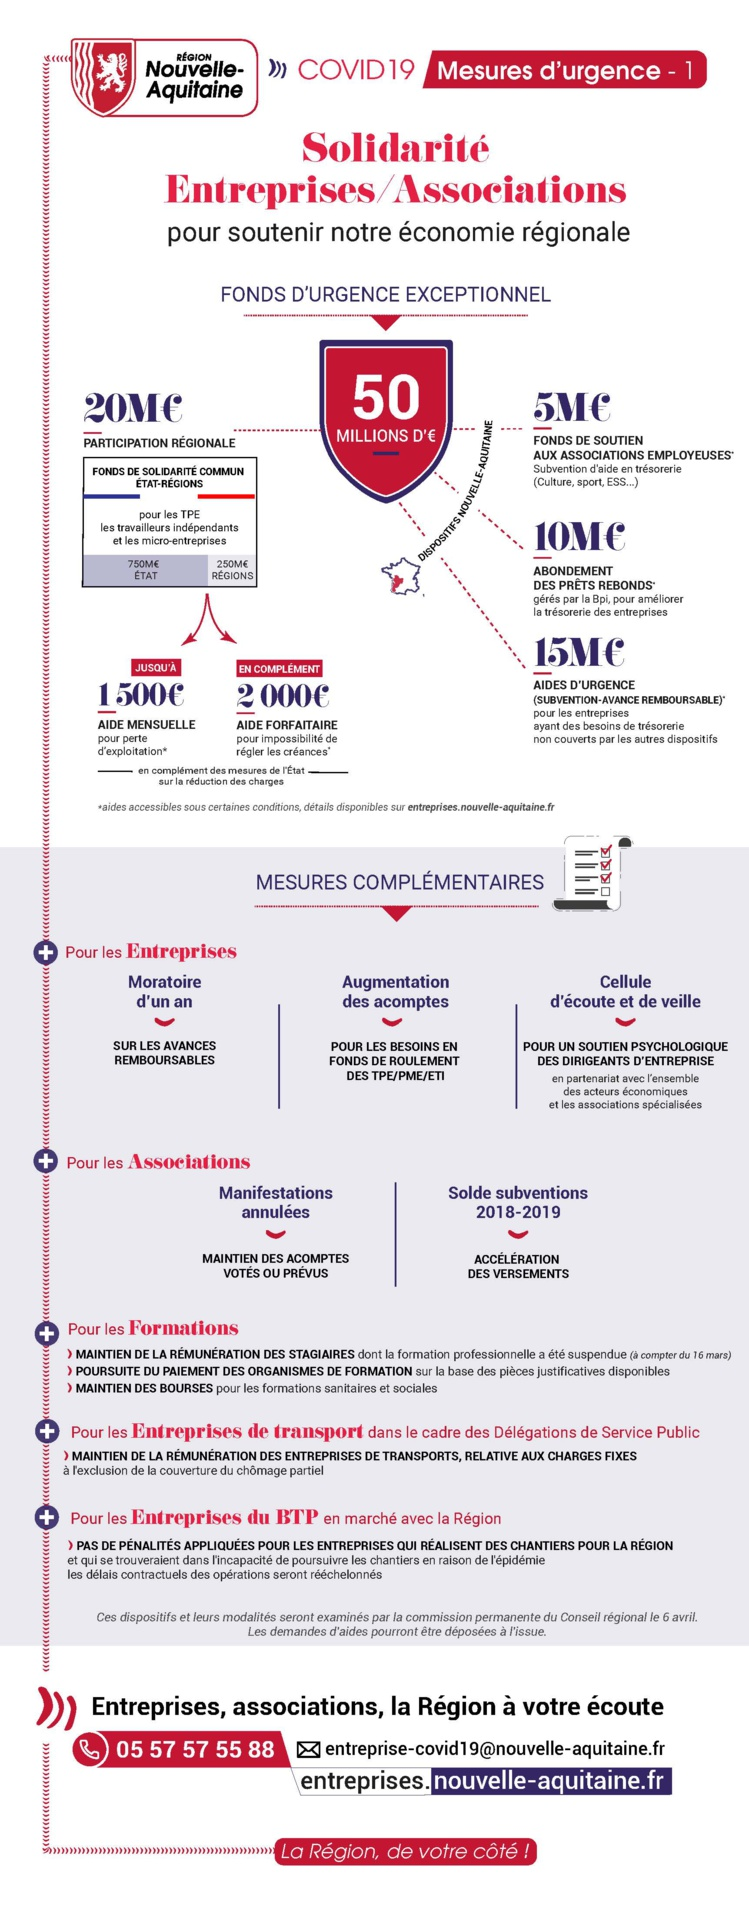 #COVID19 : infographie des #mesures d'urgence en @NouvelleAquitaine pour les entreprises et associations